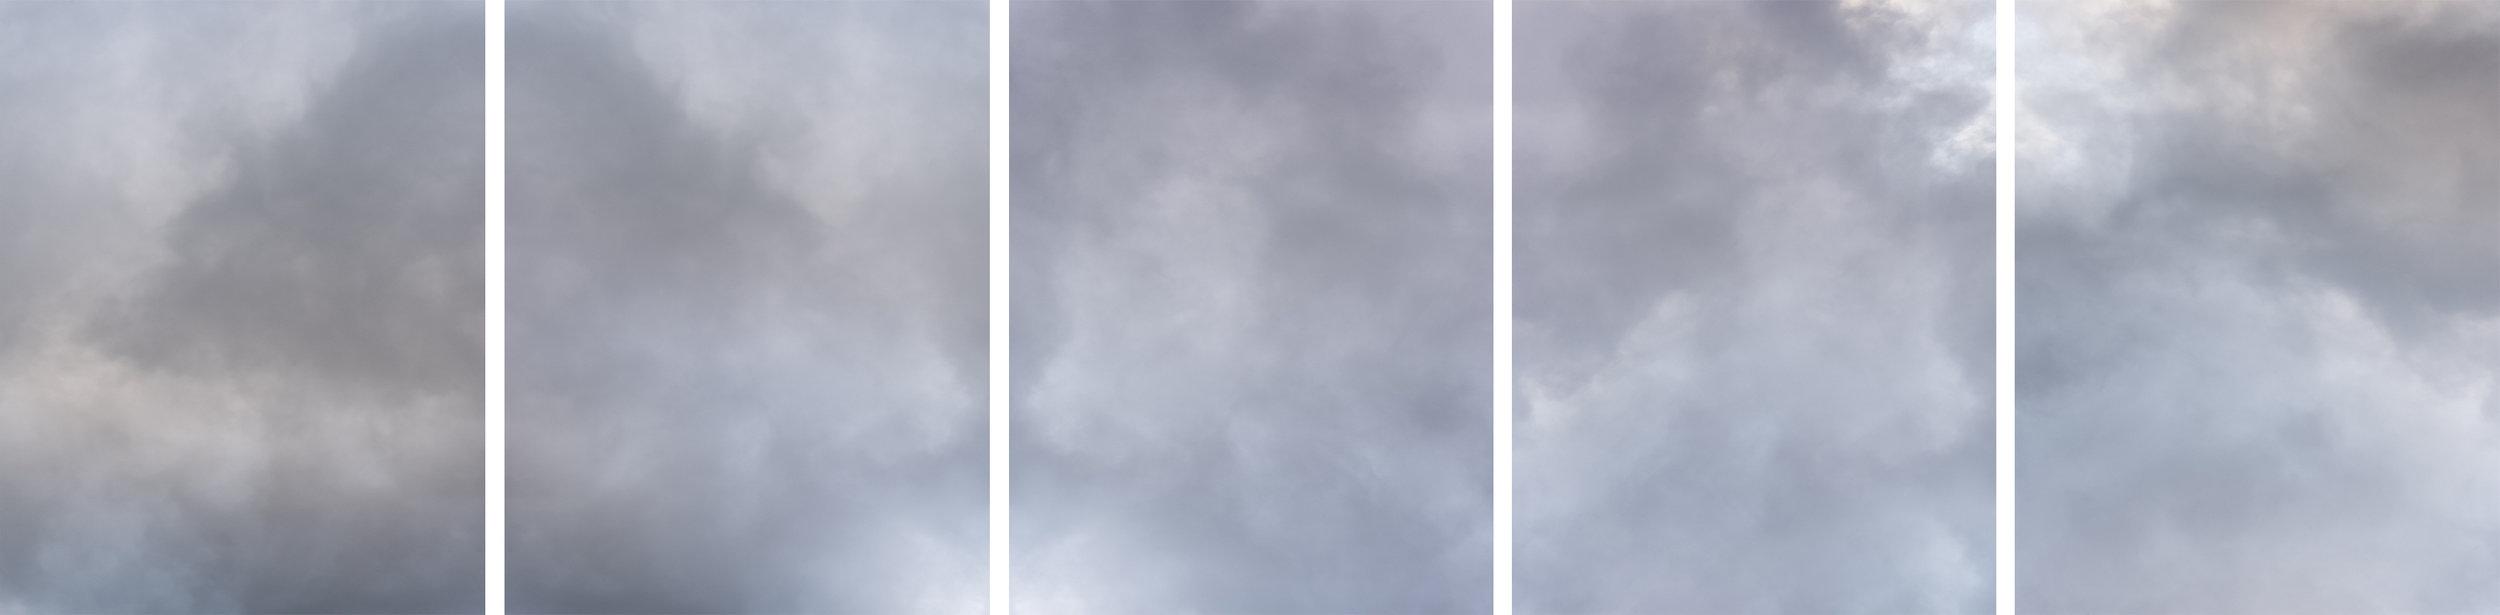 Cloud (No. 1-5)  Dimensions Variable  2019